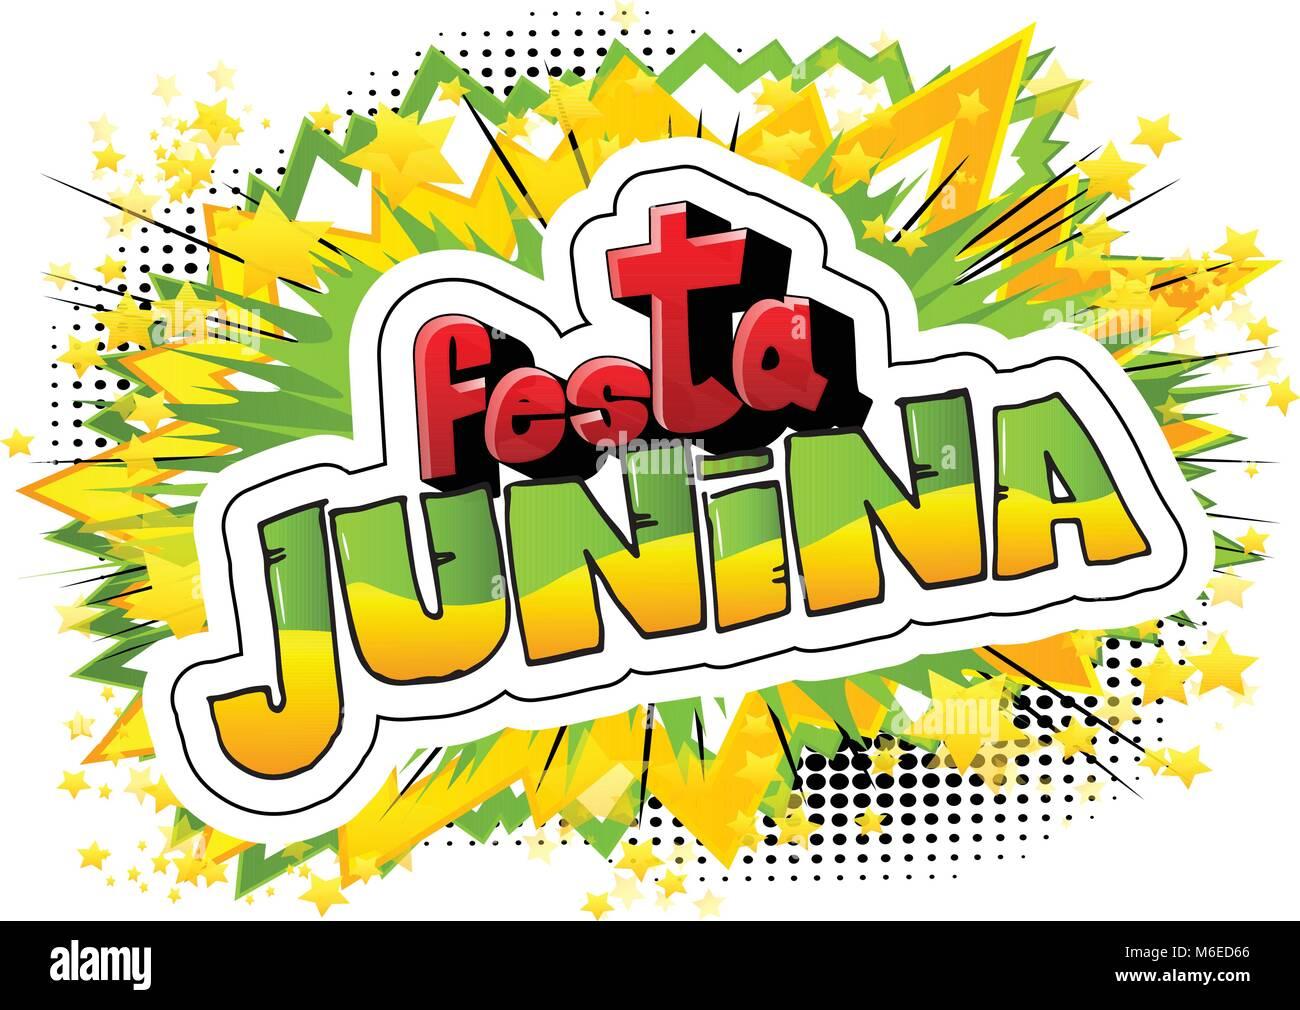 Festa Junina Al Estilo De Los Cómics Ilustración Vectorial